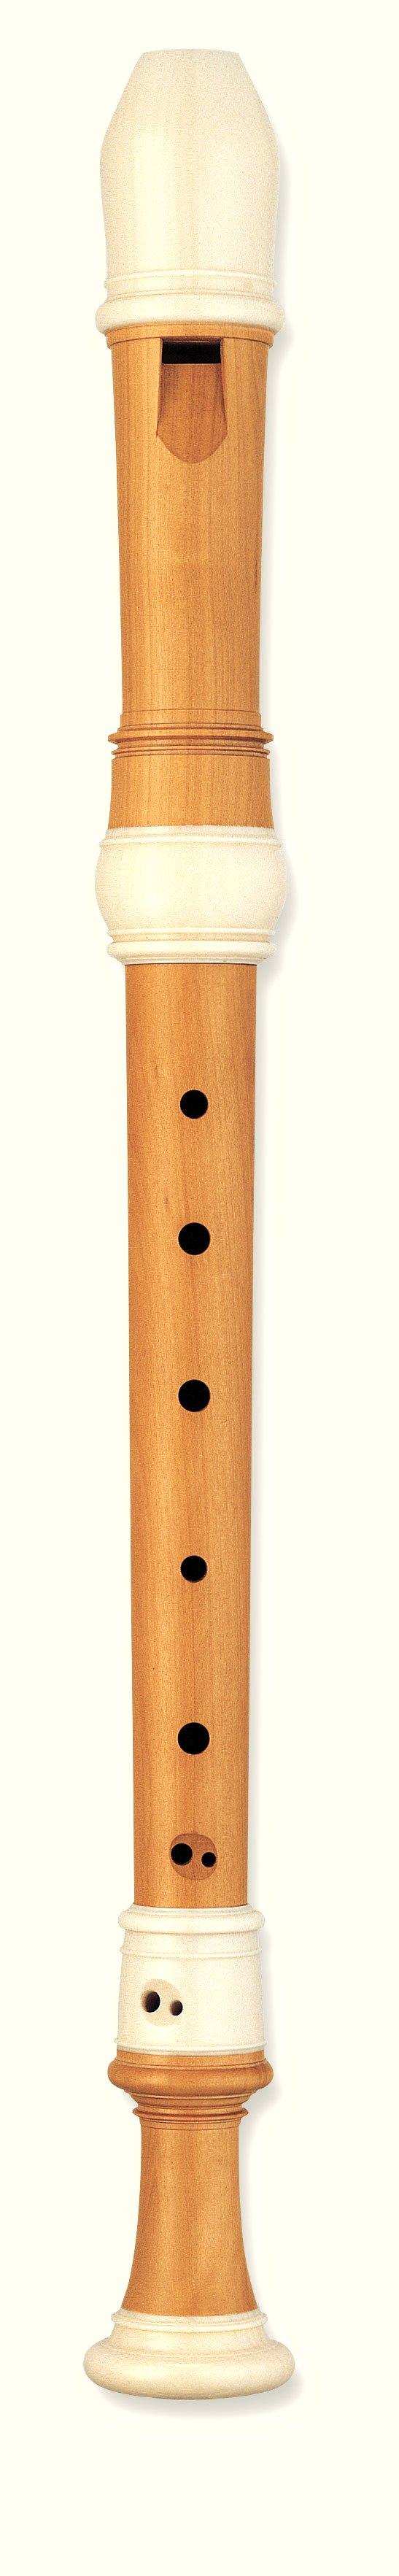 Flauta Alto Yamaha Yra-811 Digitación Barroca